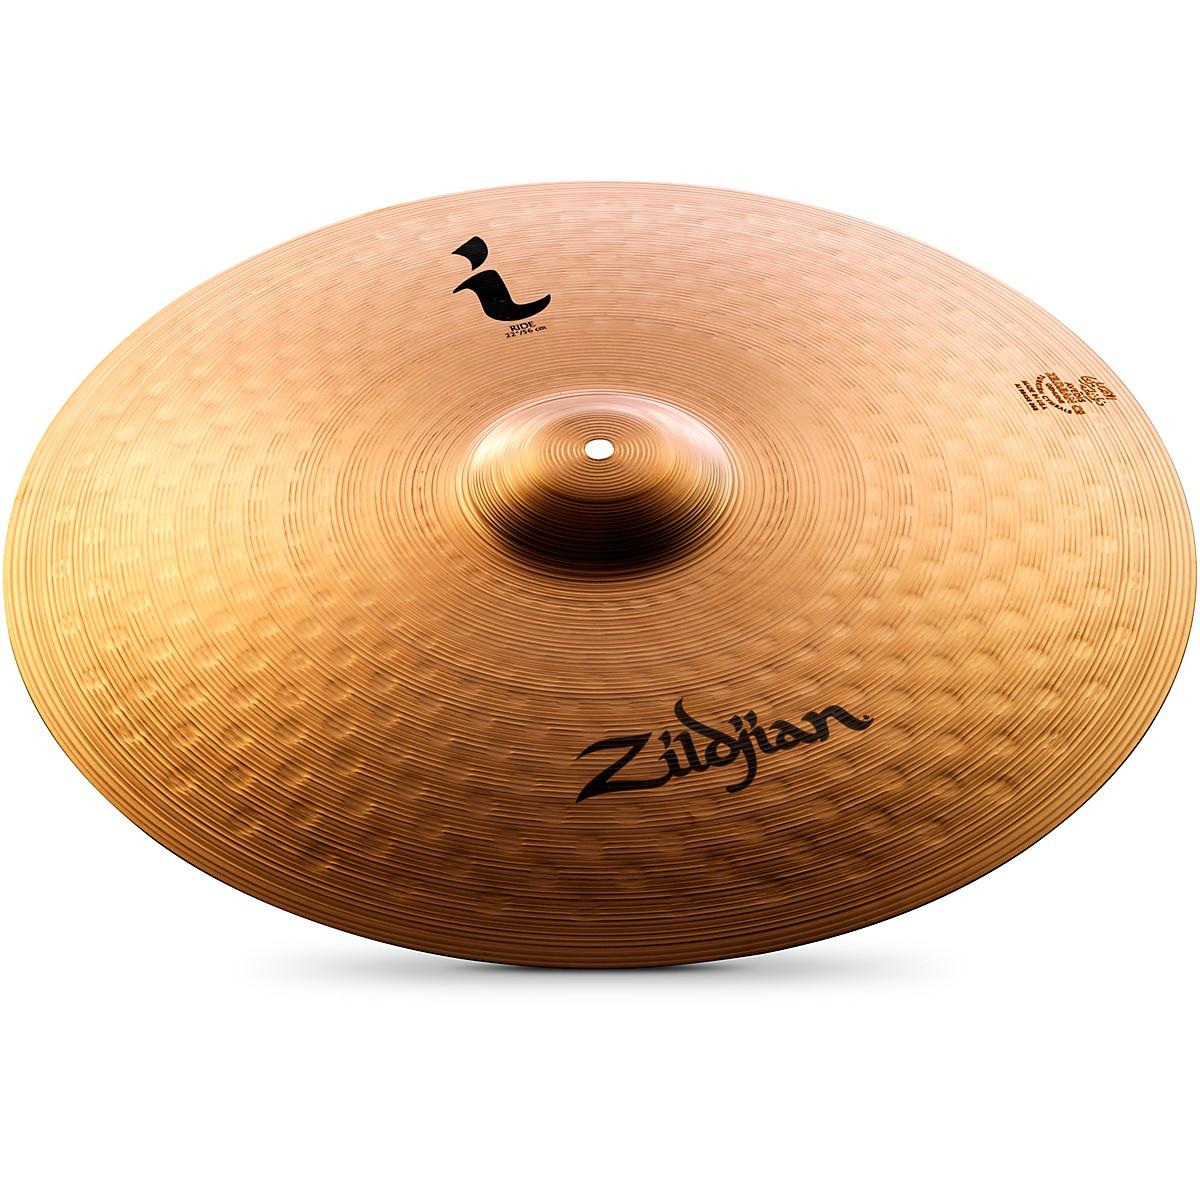 Zildjian I Series Ride Cymbal